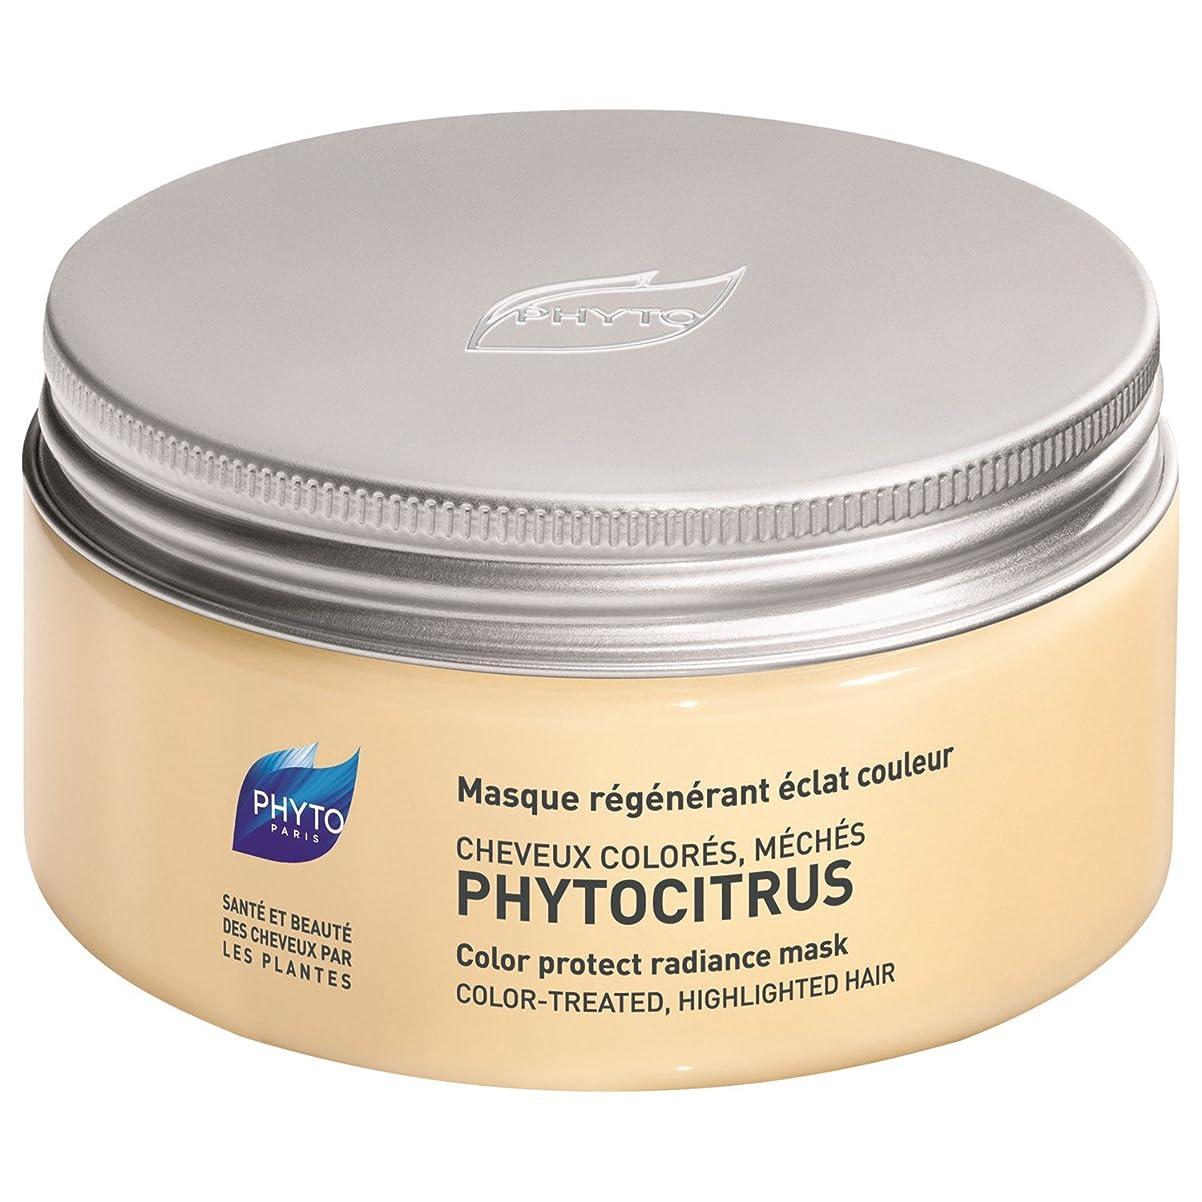 火曜日倒産コンバーチブルフィトPhytocitrus色保護放射輝度マスク200ミリリットル (Phyto) (x2) - Phyto Phytocitrus Colour Protect Radiance Mask 200ml (Pack of 2) [並行輸入品]